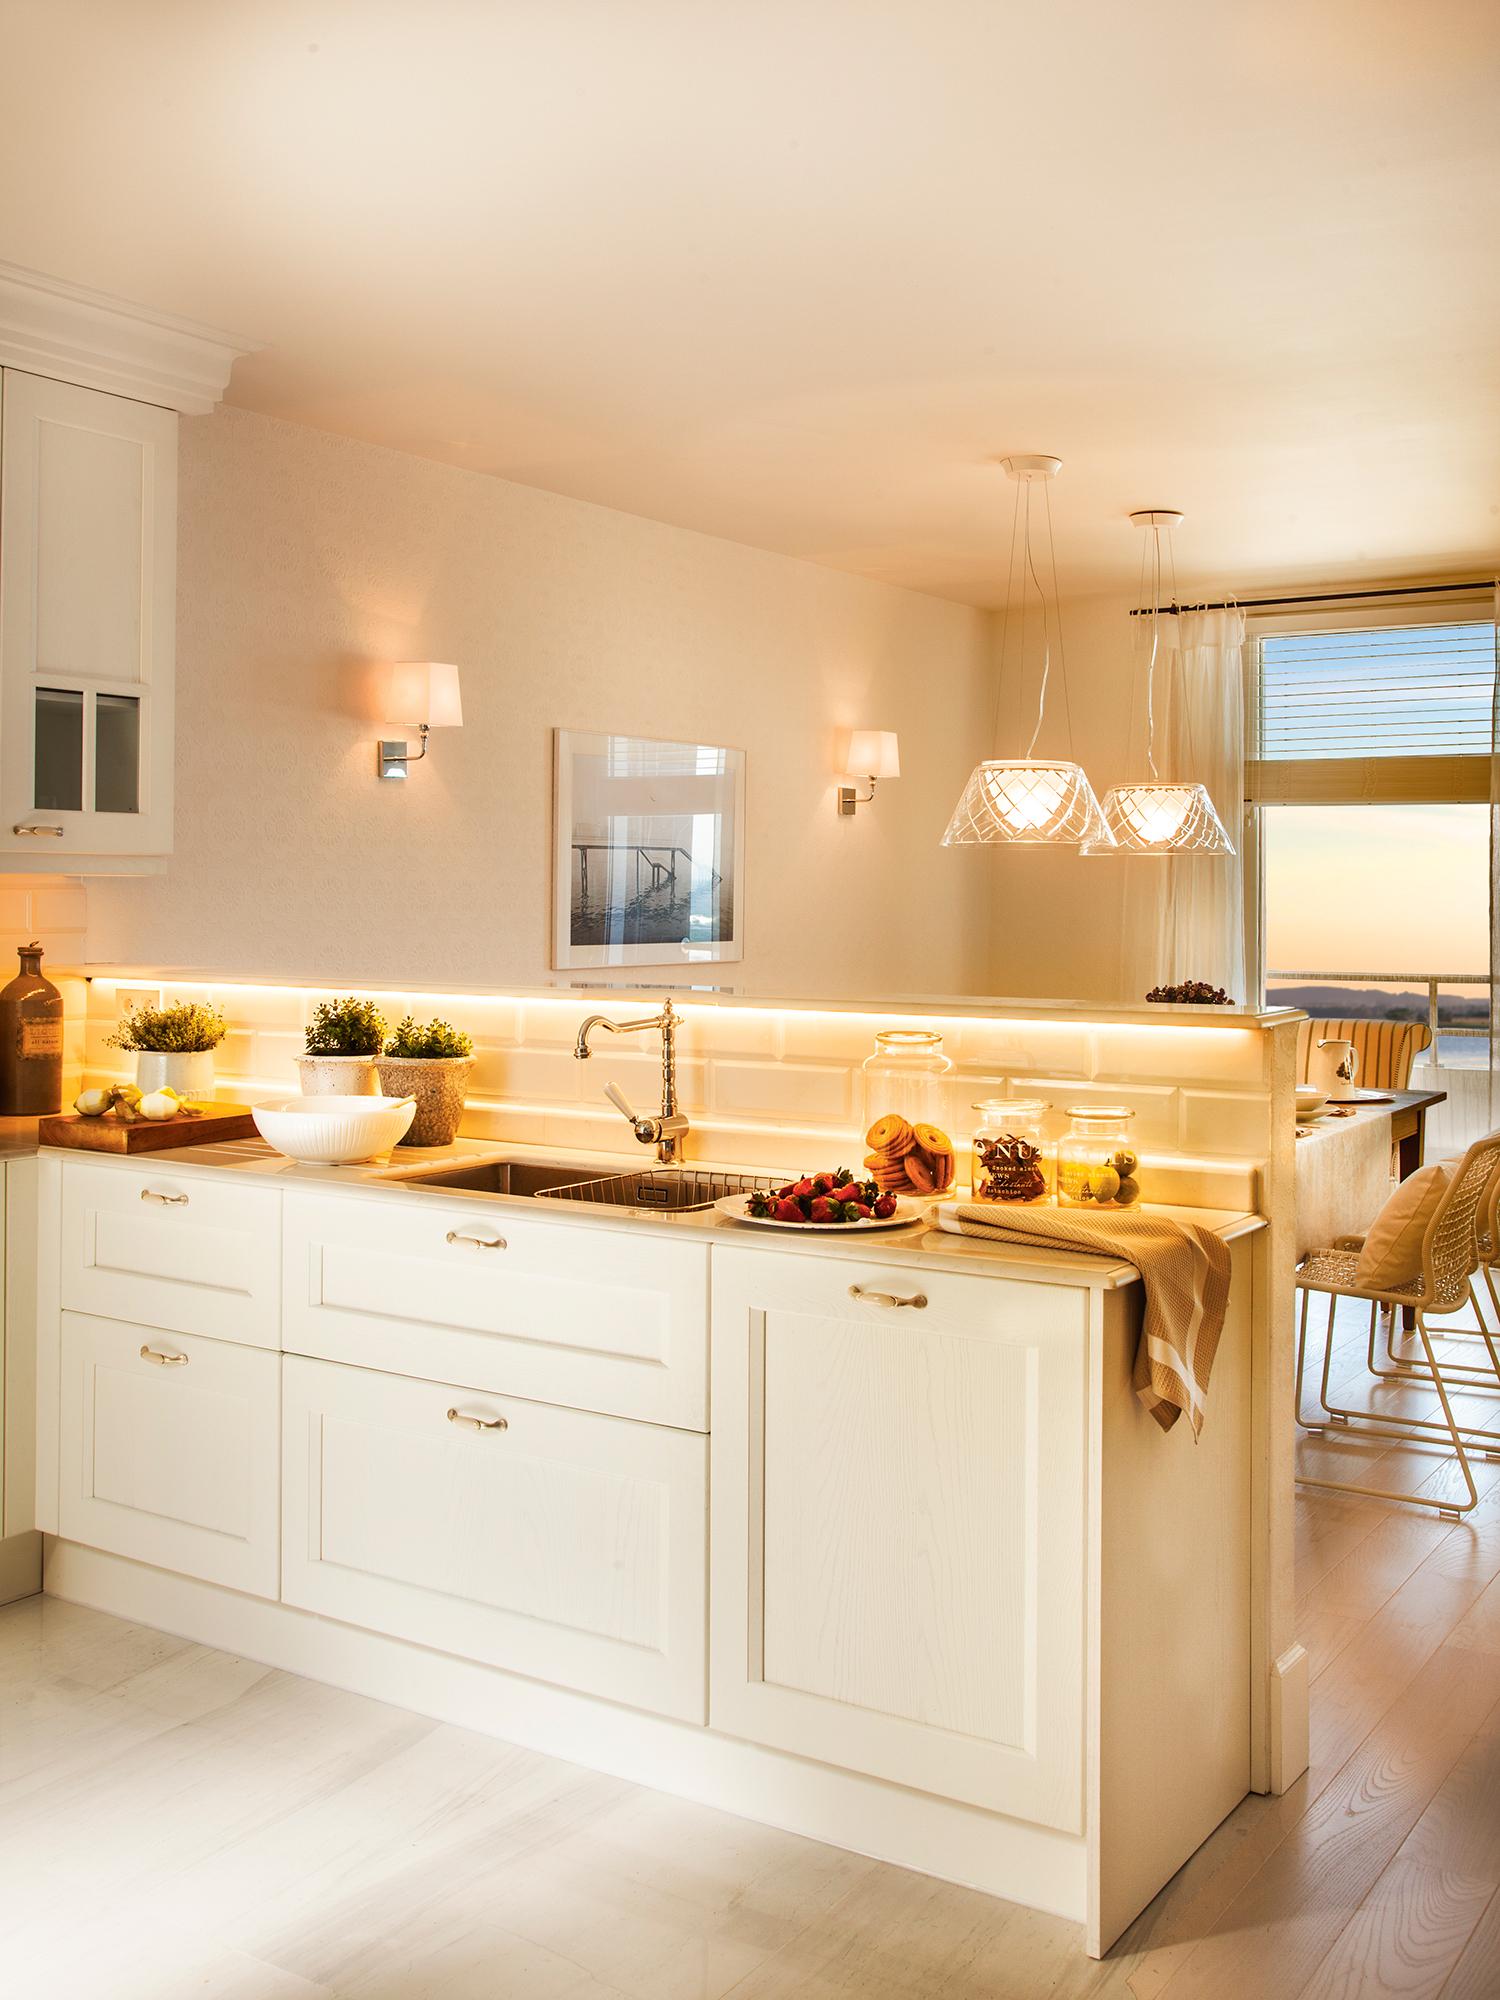 9a8bad2d7 Cocina blanca contigua al office con luces encendidas_ 00411705. 8. Acierta  con la temperatura